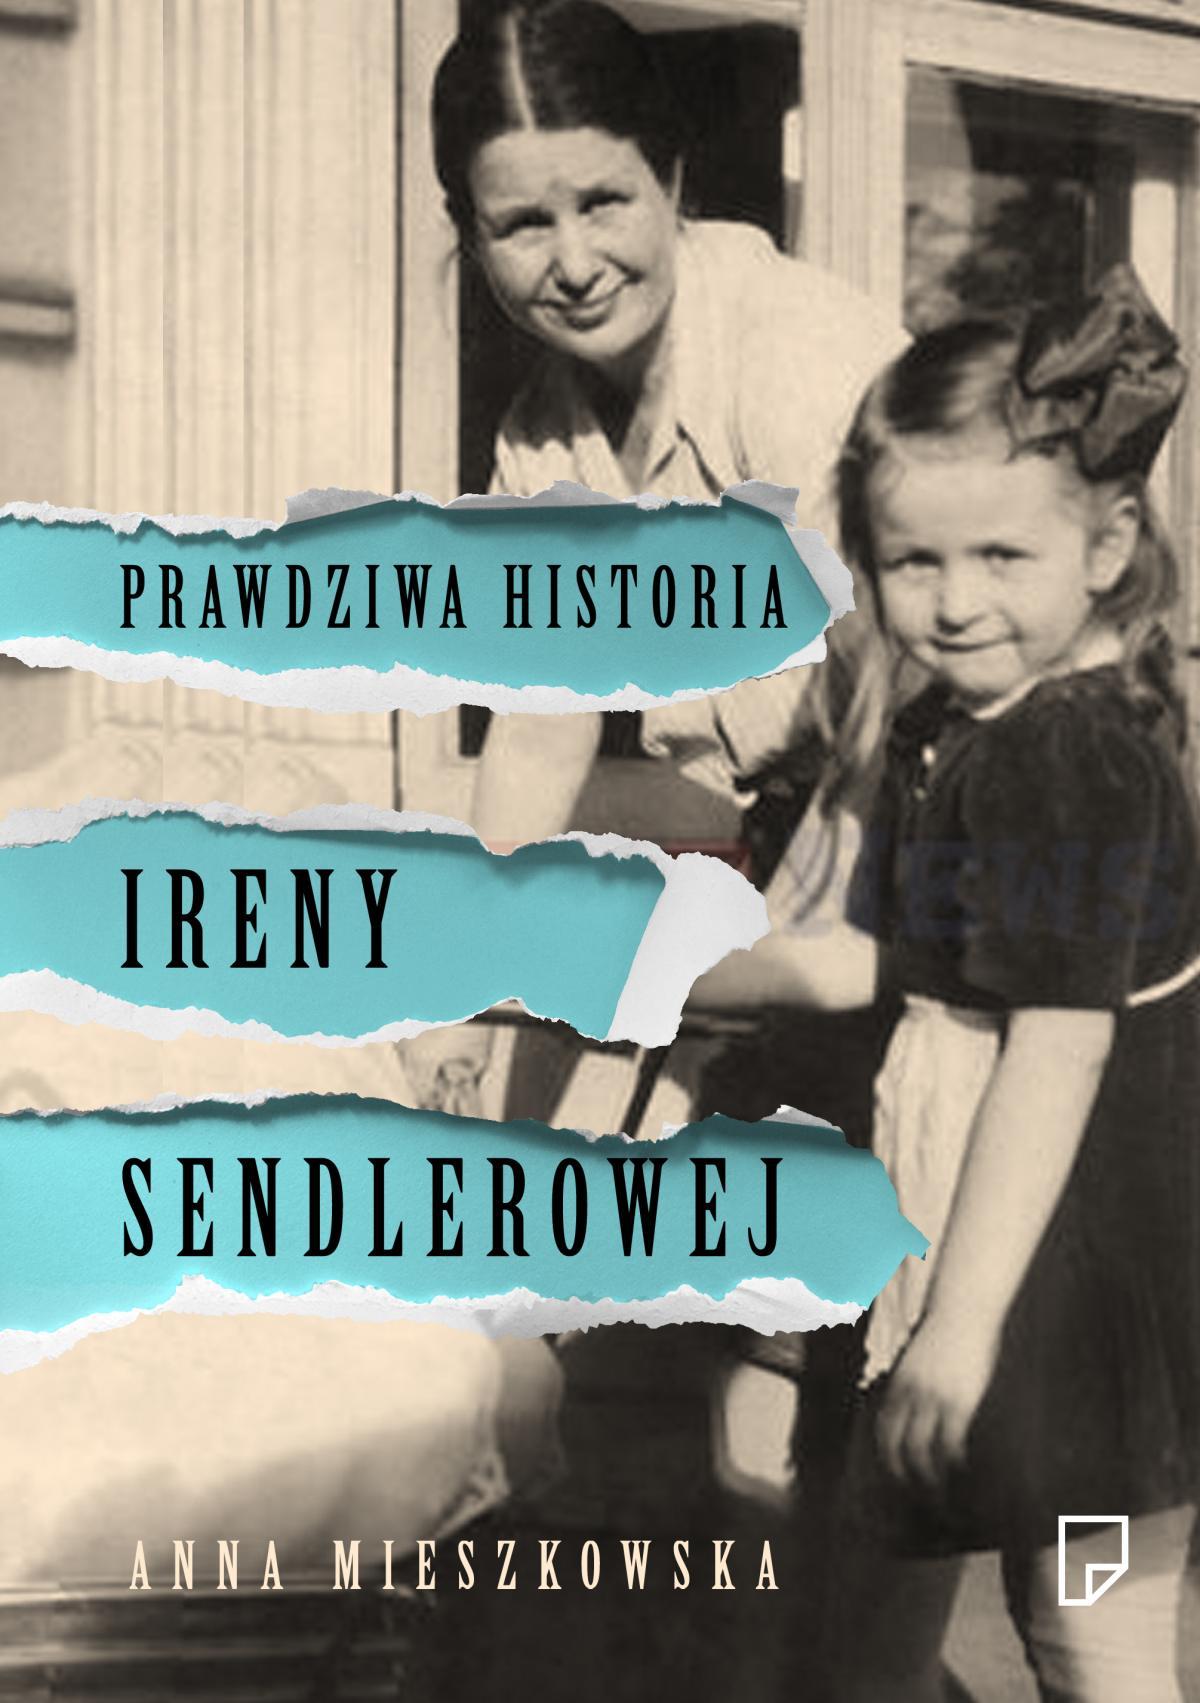 Prawdziwa historia Ireny Sendlerowej - Ebook (Książka na Kindle) do pobrania w formacie MOBI